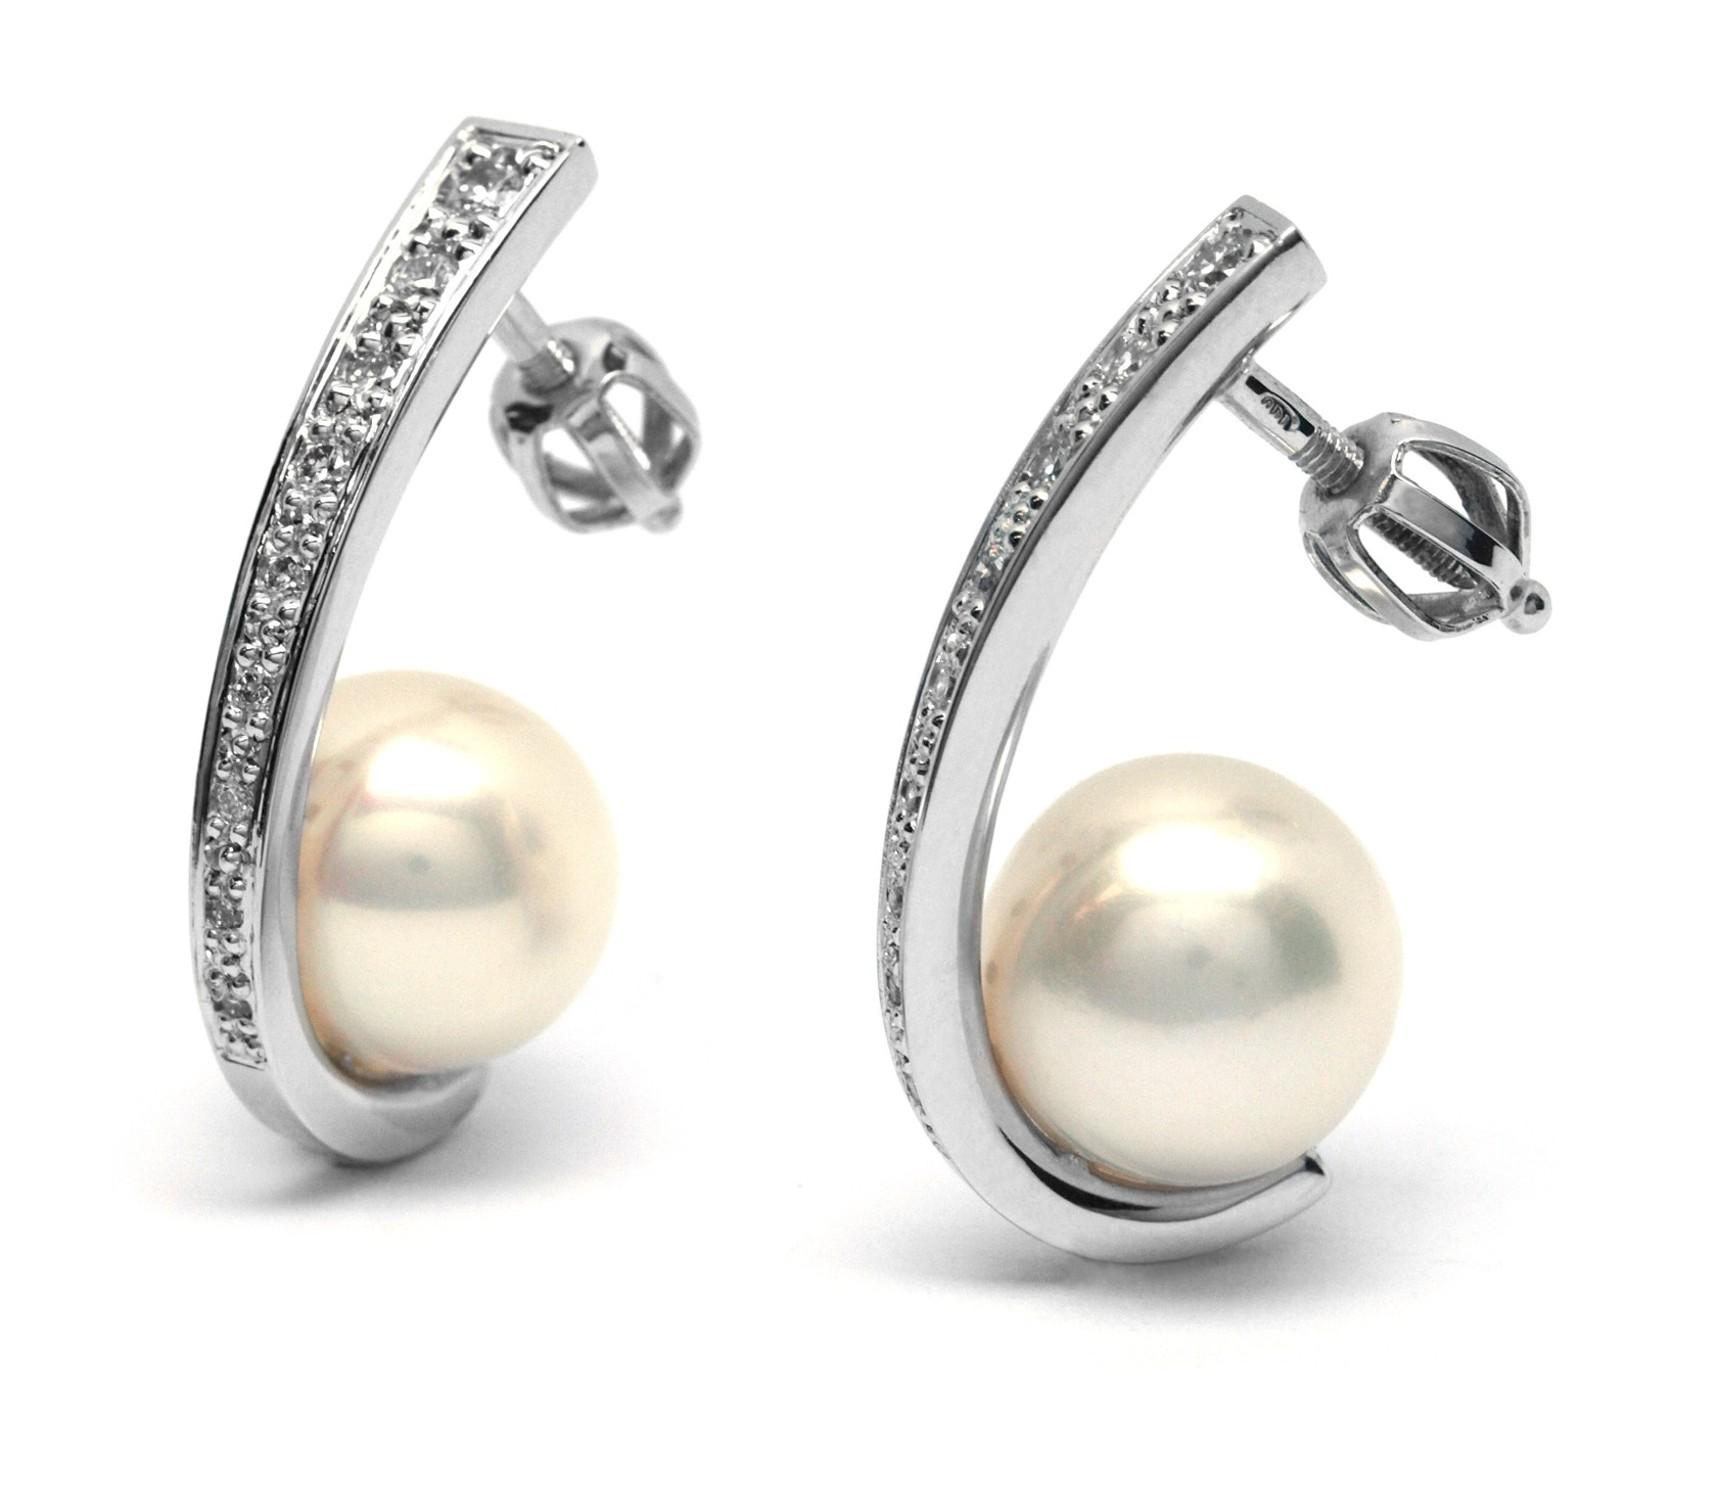 Ručně vyrobené náušnice z bílého zlata s perlami a diamanty J-28711-17 (J-28711-17 - POŠTOVNÉ ZDARMA!!)